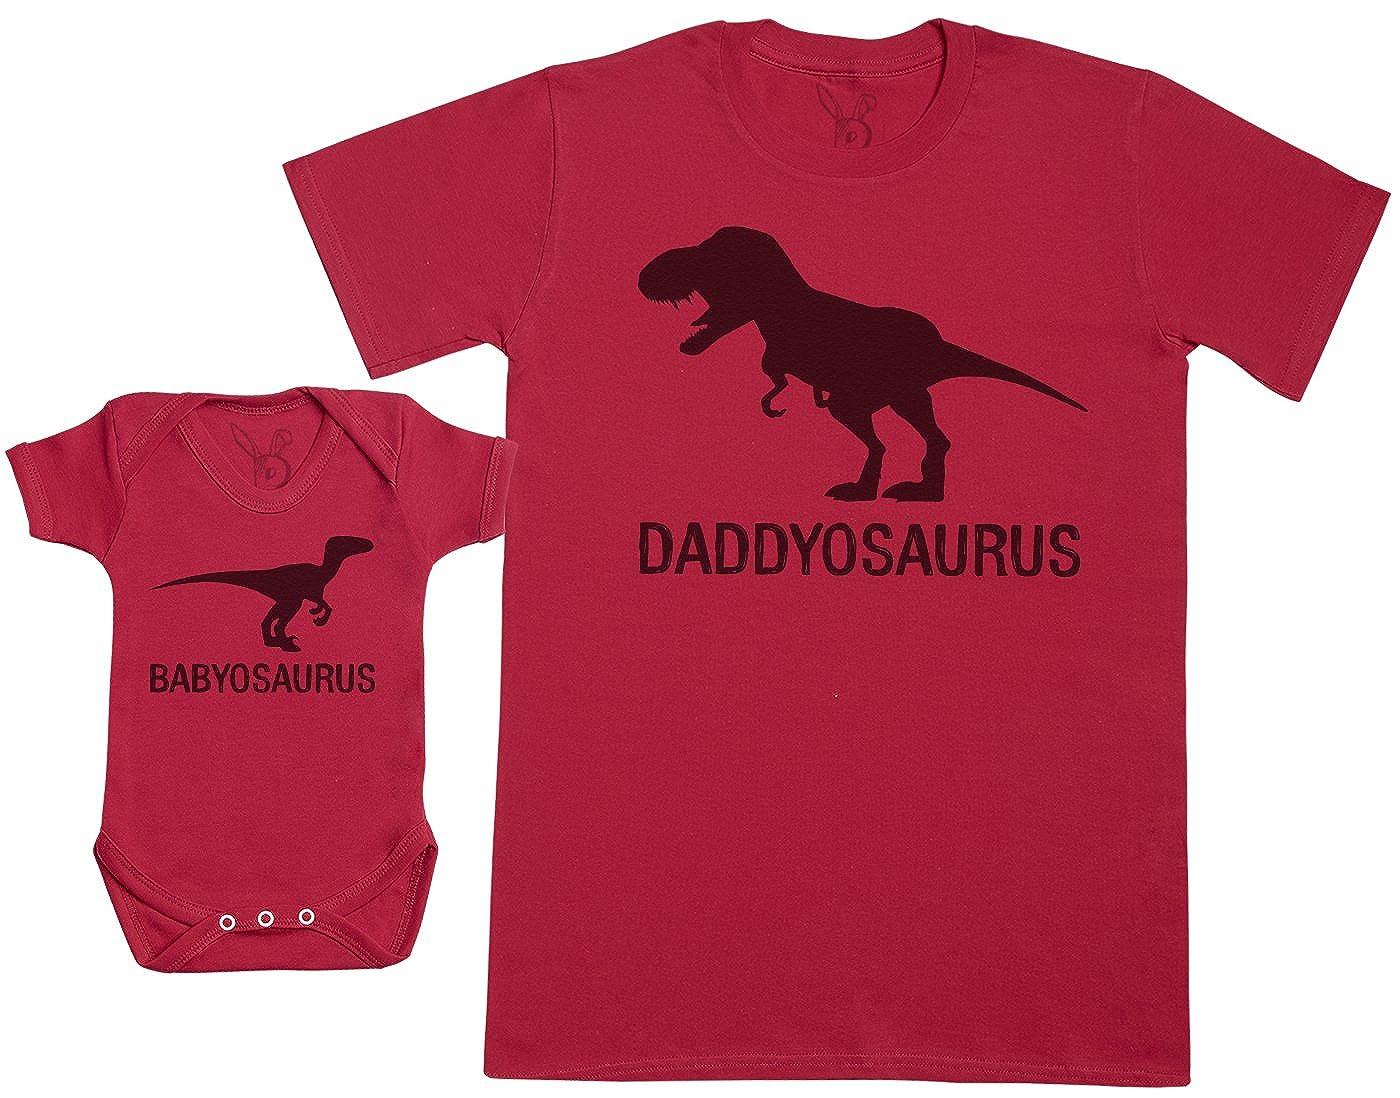 Baby Bunny Babyosaurus with Daddyosaurus - Ensemble Père Bébé Cadeau - Hommes T-Shirt & Body Bébé a-DS10-D-BB